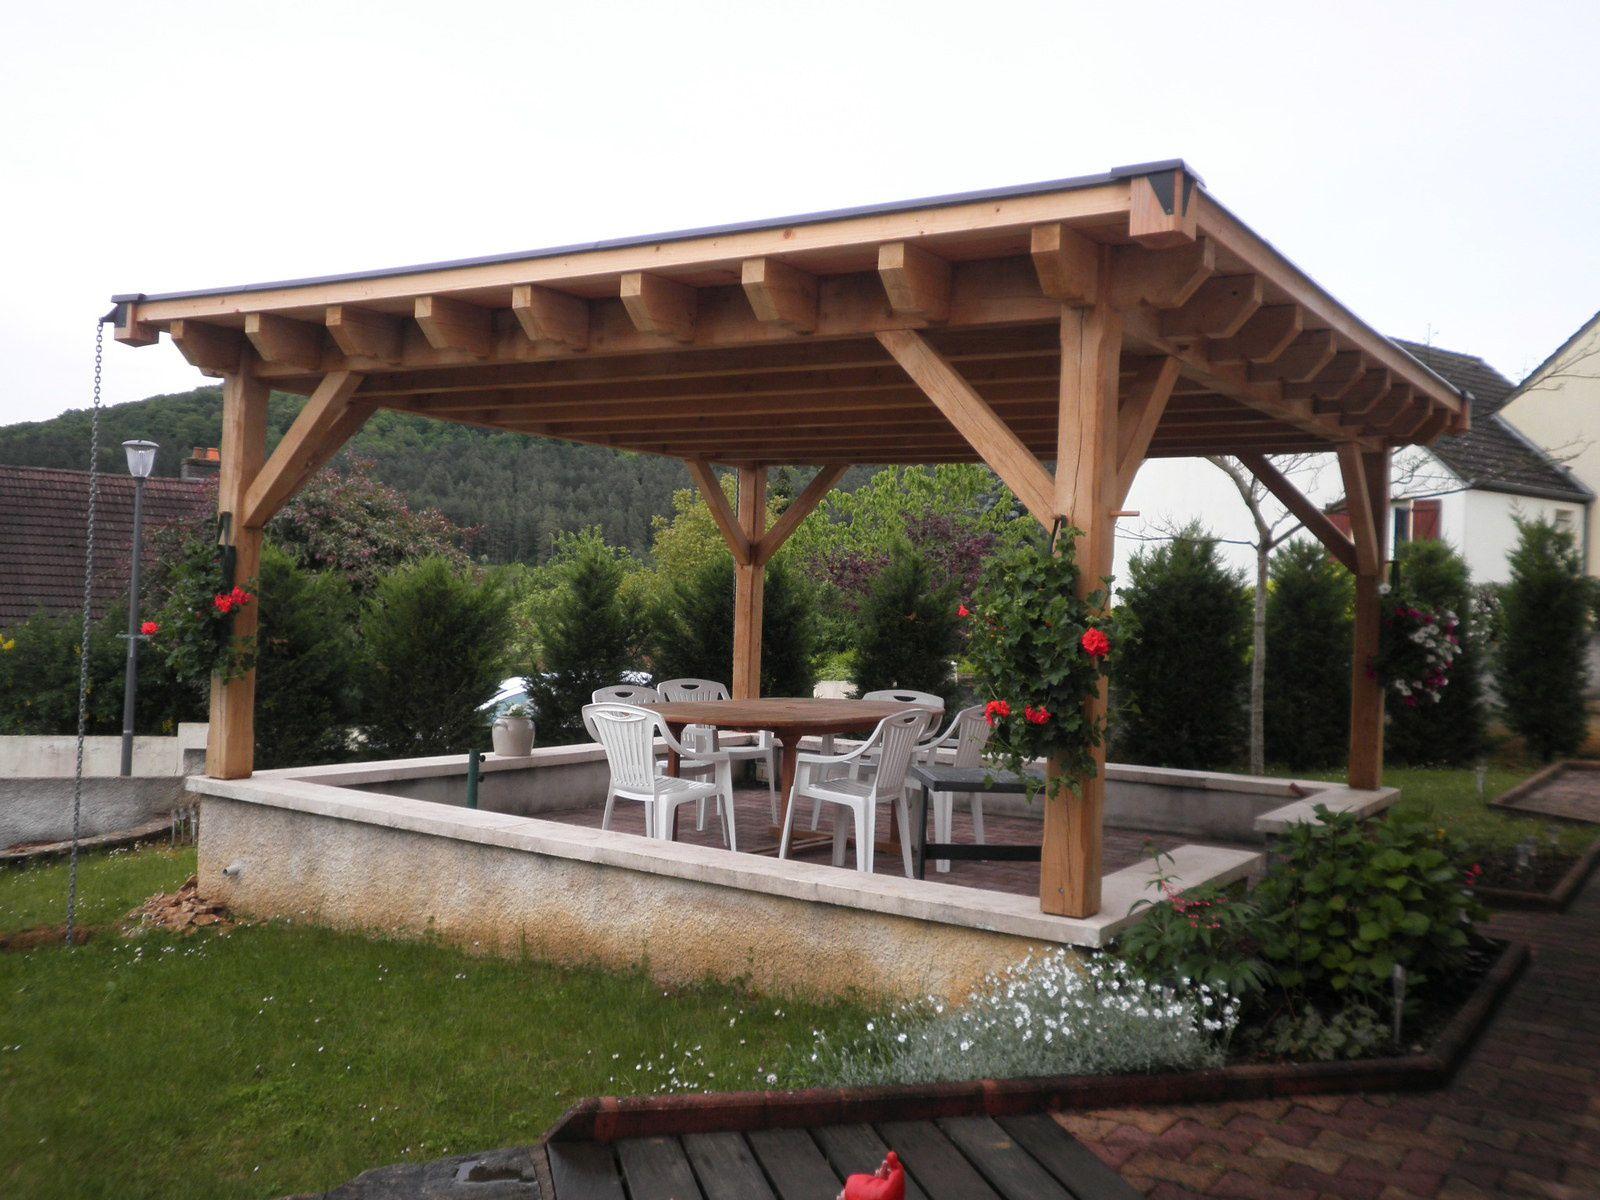 Abri Pour Terrasse - Le Blog Du Menuisier De La Rochepot avec Abri Pour Terrasse